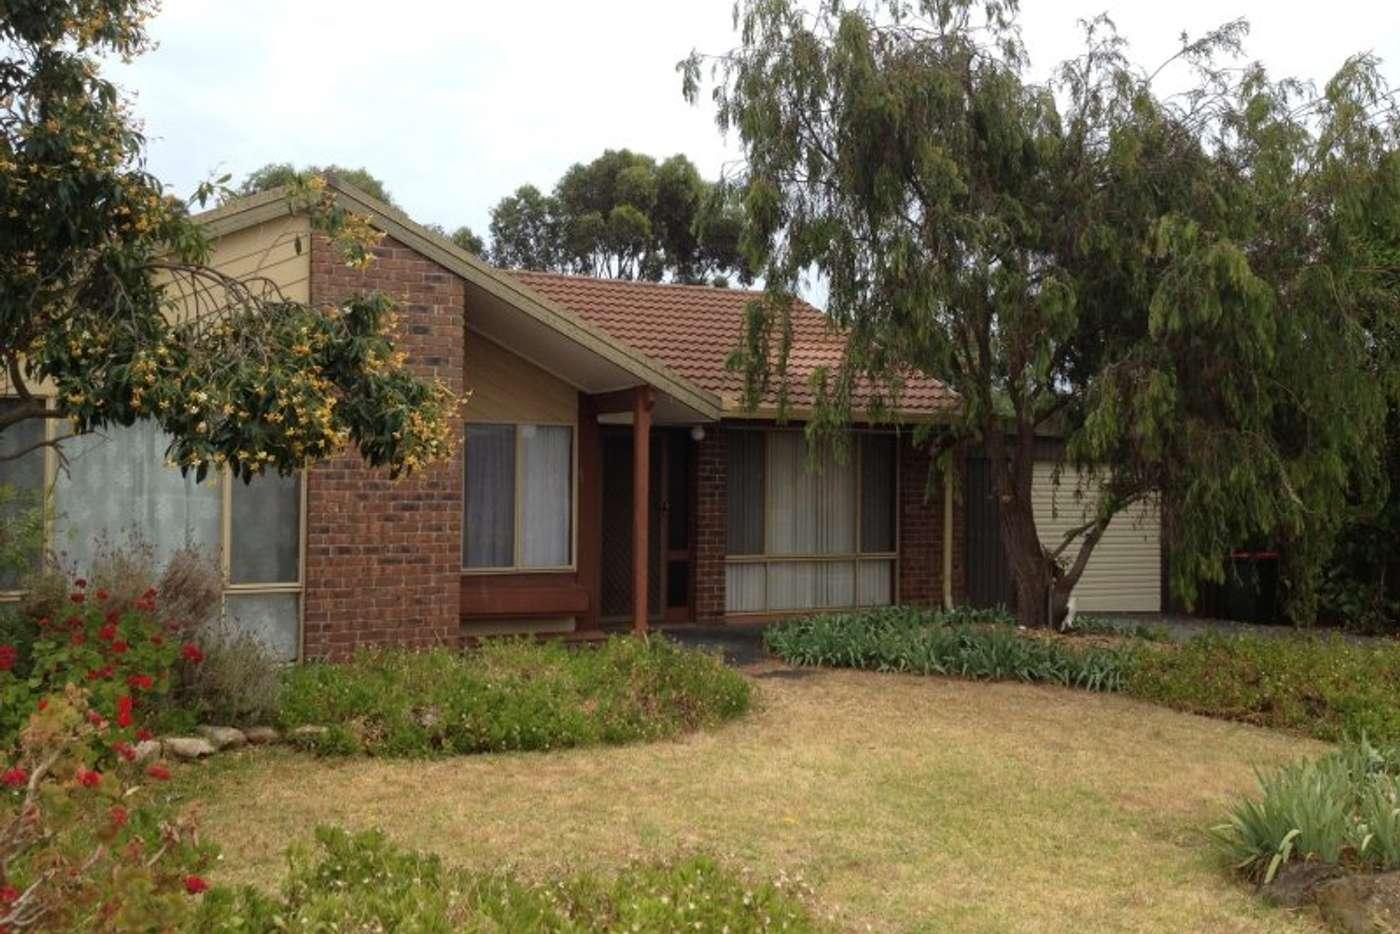 Main view of Homely house listing, 52 Glenhelen Road, Morphett Vale SA 5162